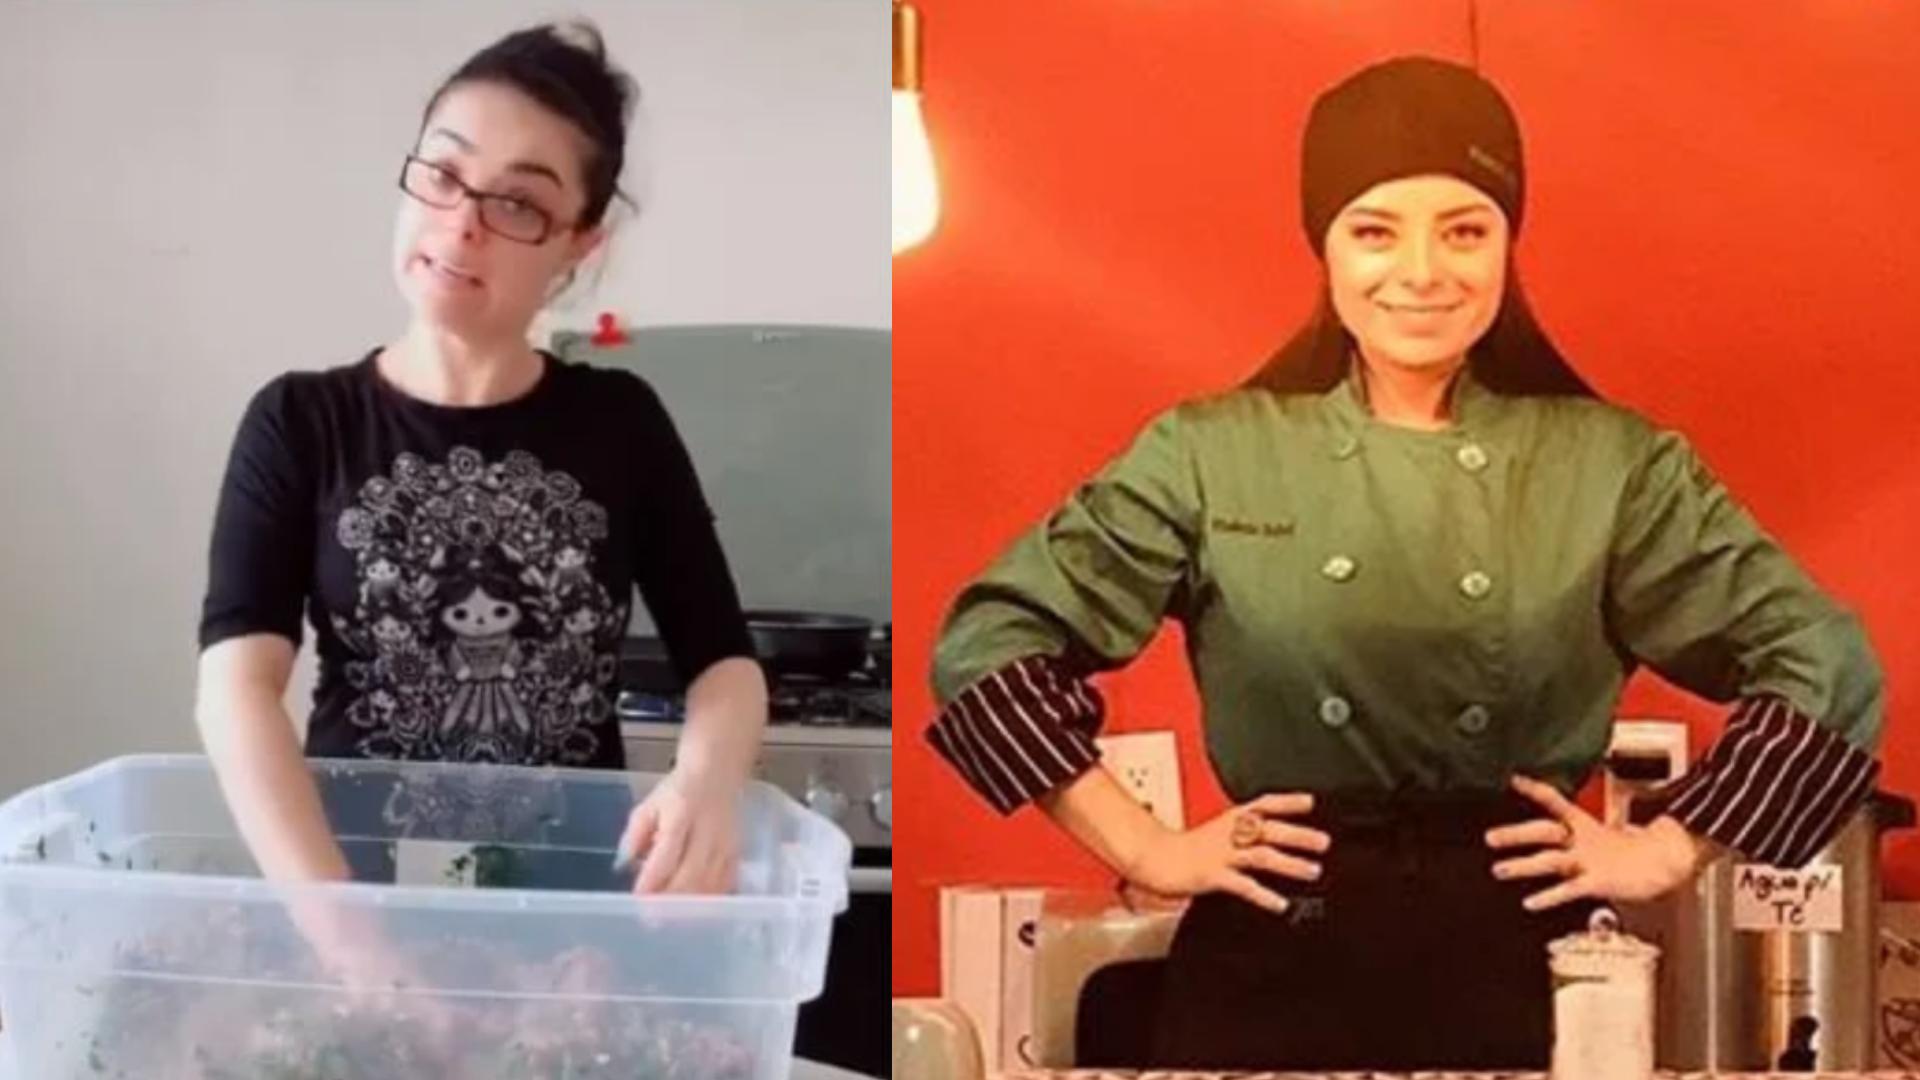 Violeta Isfel por fin abre su primer sucursal de hamburguesas